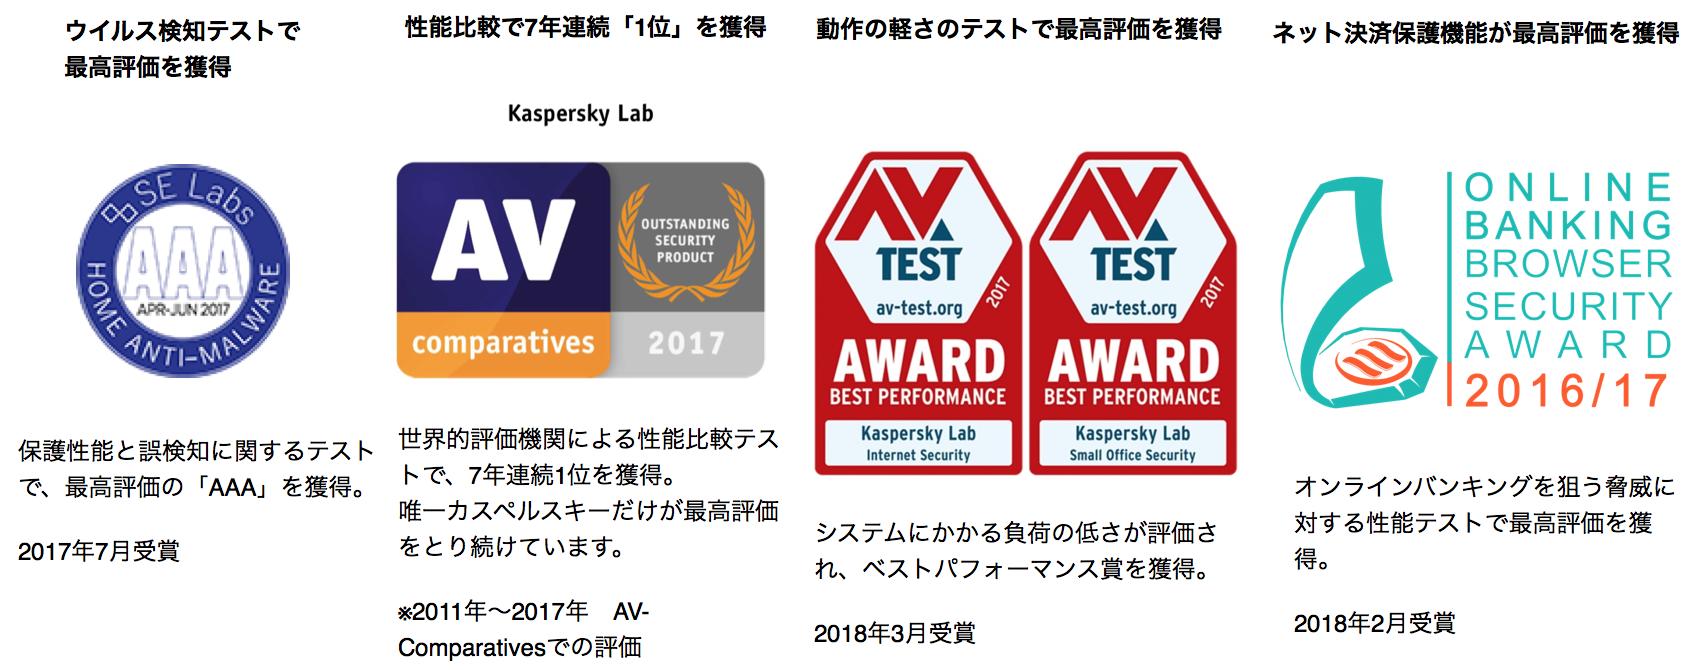 カスペルスキーは第三者評価機関で数々のテストで1位を受賞